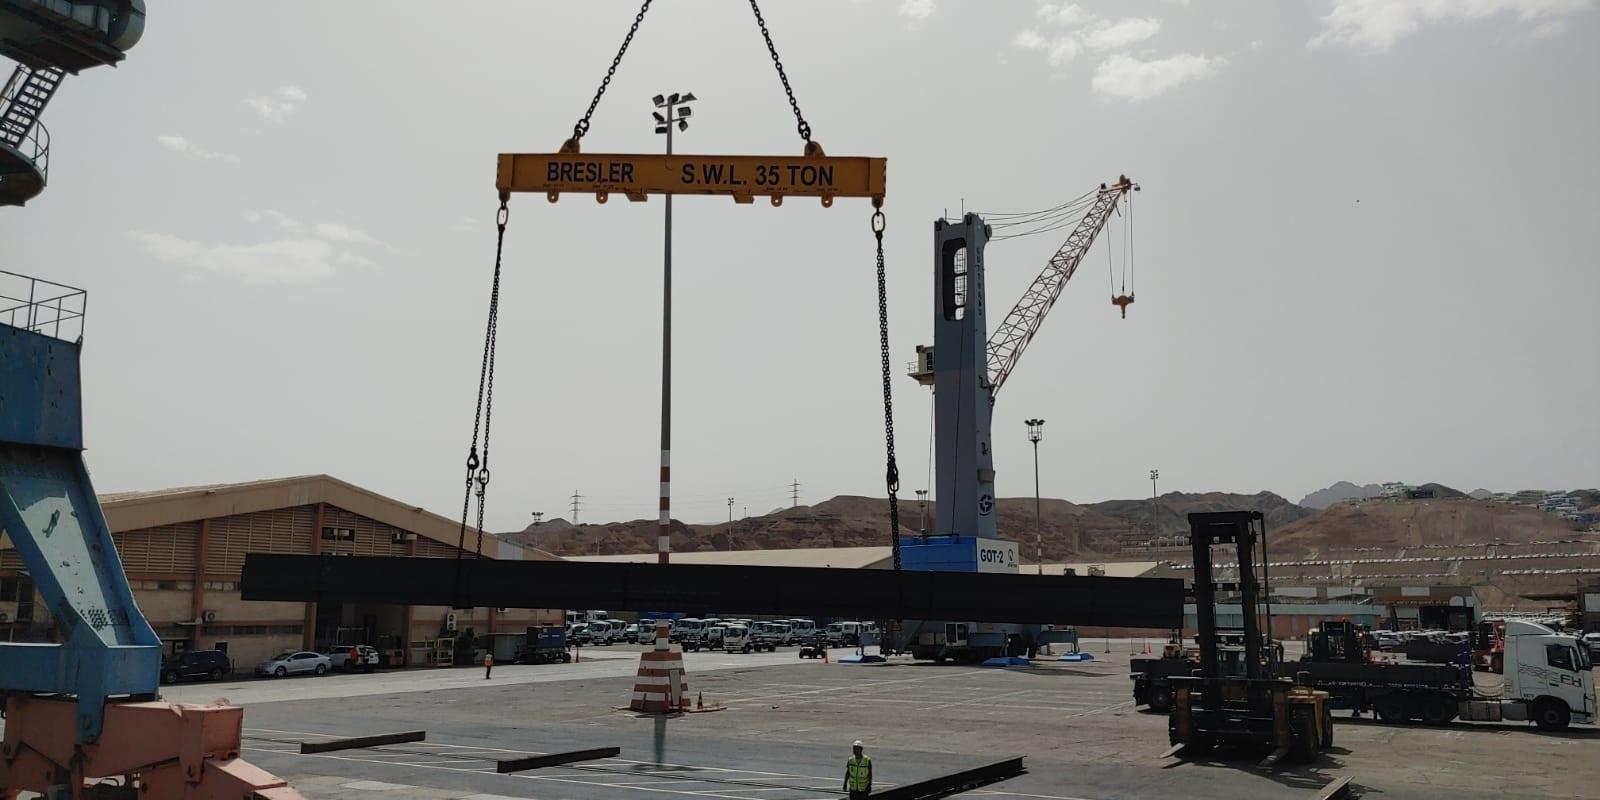 אוניית הברזל מדובאי פורקת ברזל בנמל אילת